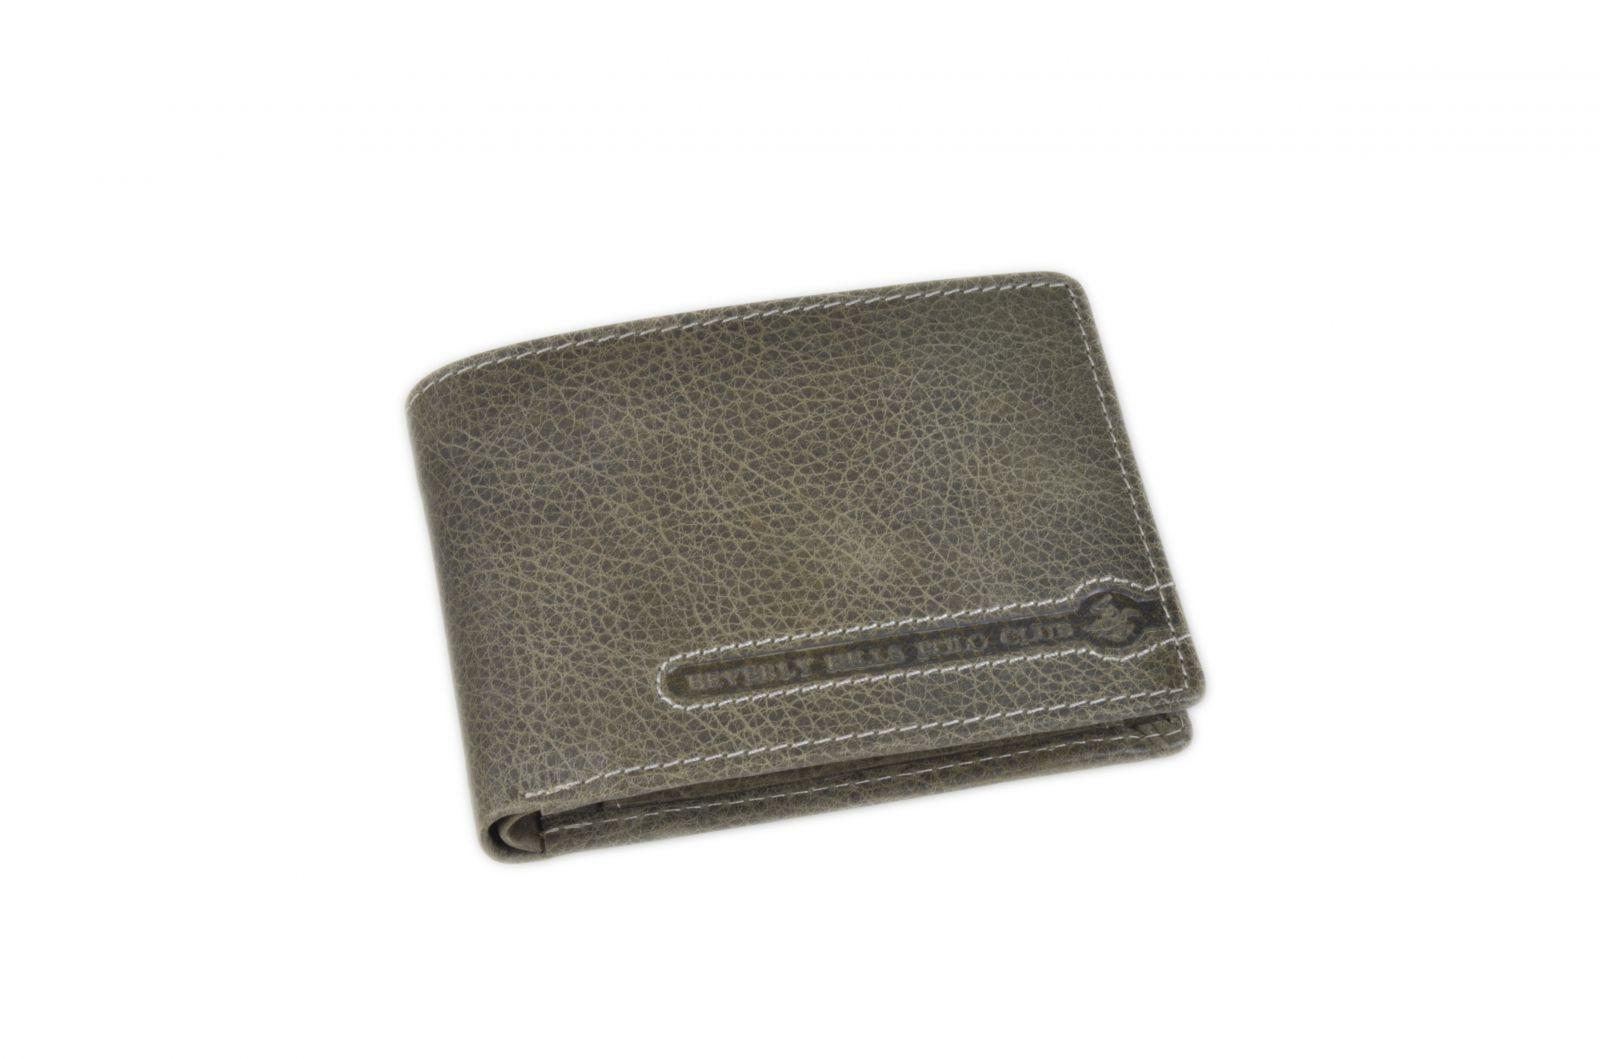 Peněženka pánská BHPC Tucson BH-392-23 antracitová v krabičce